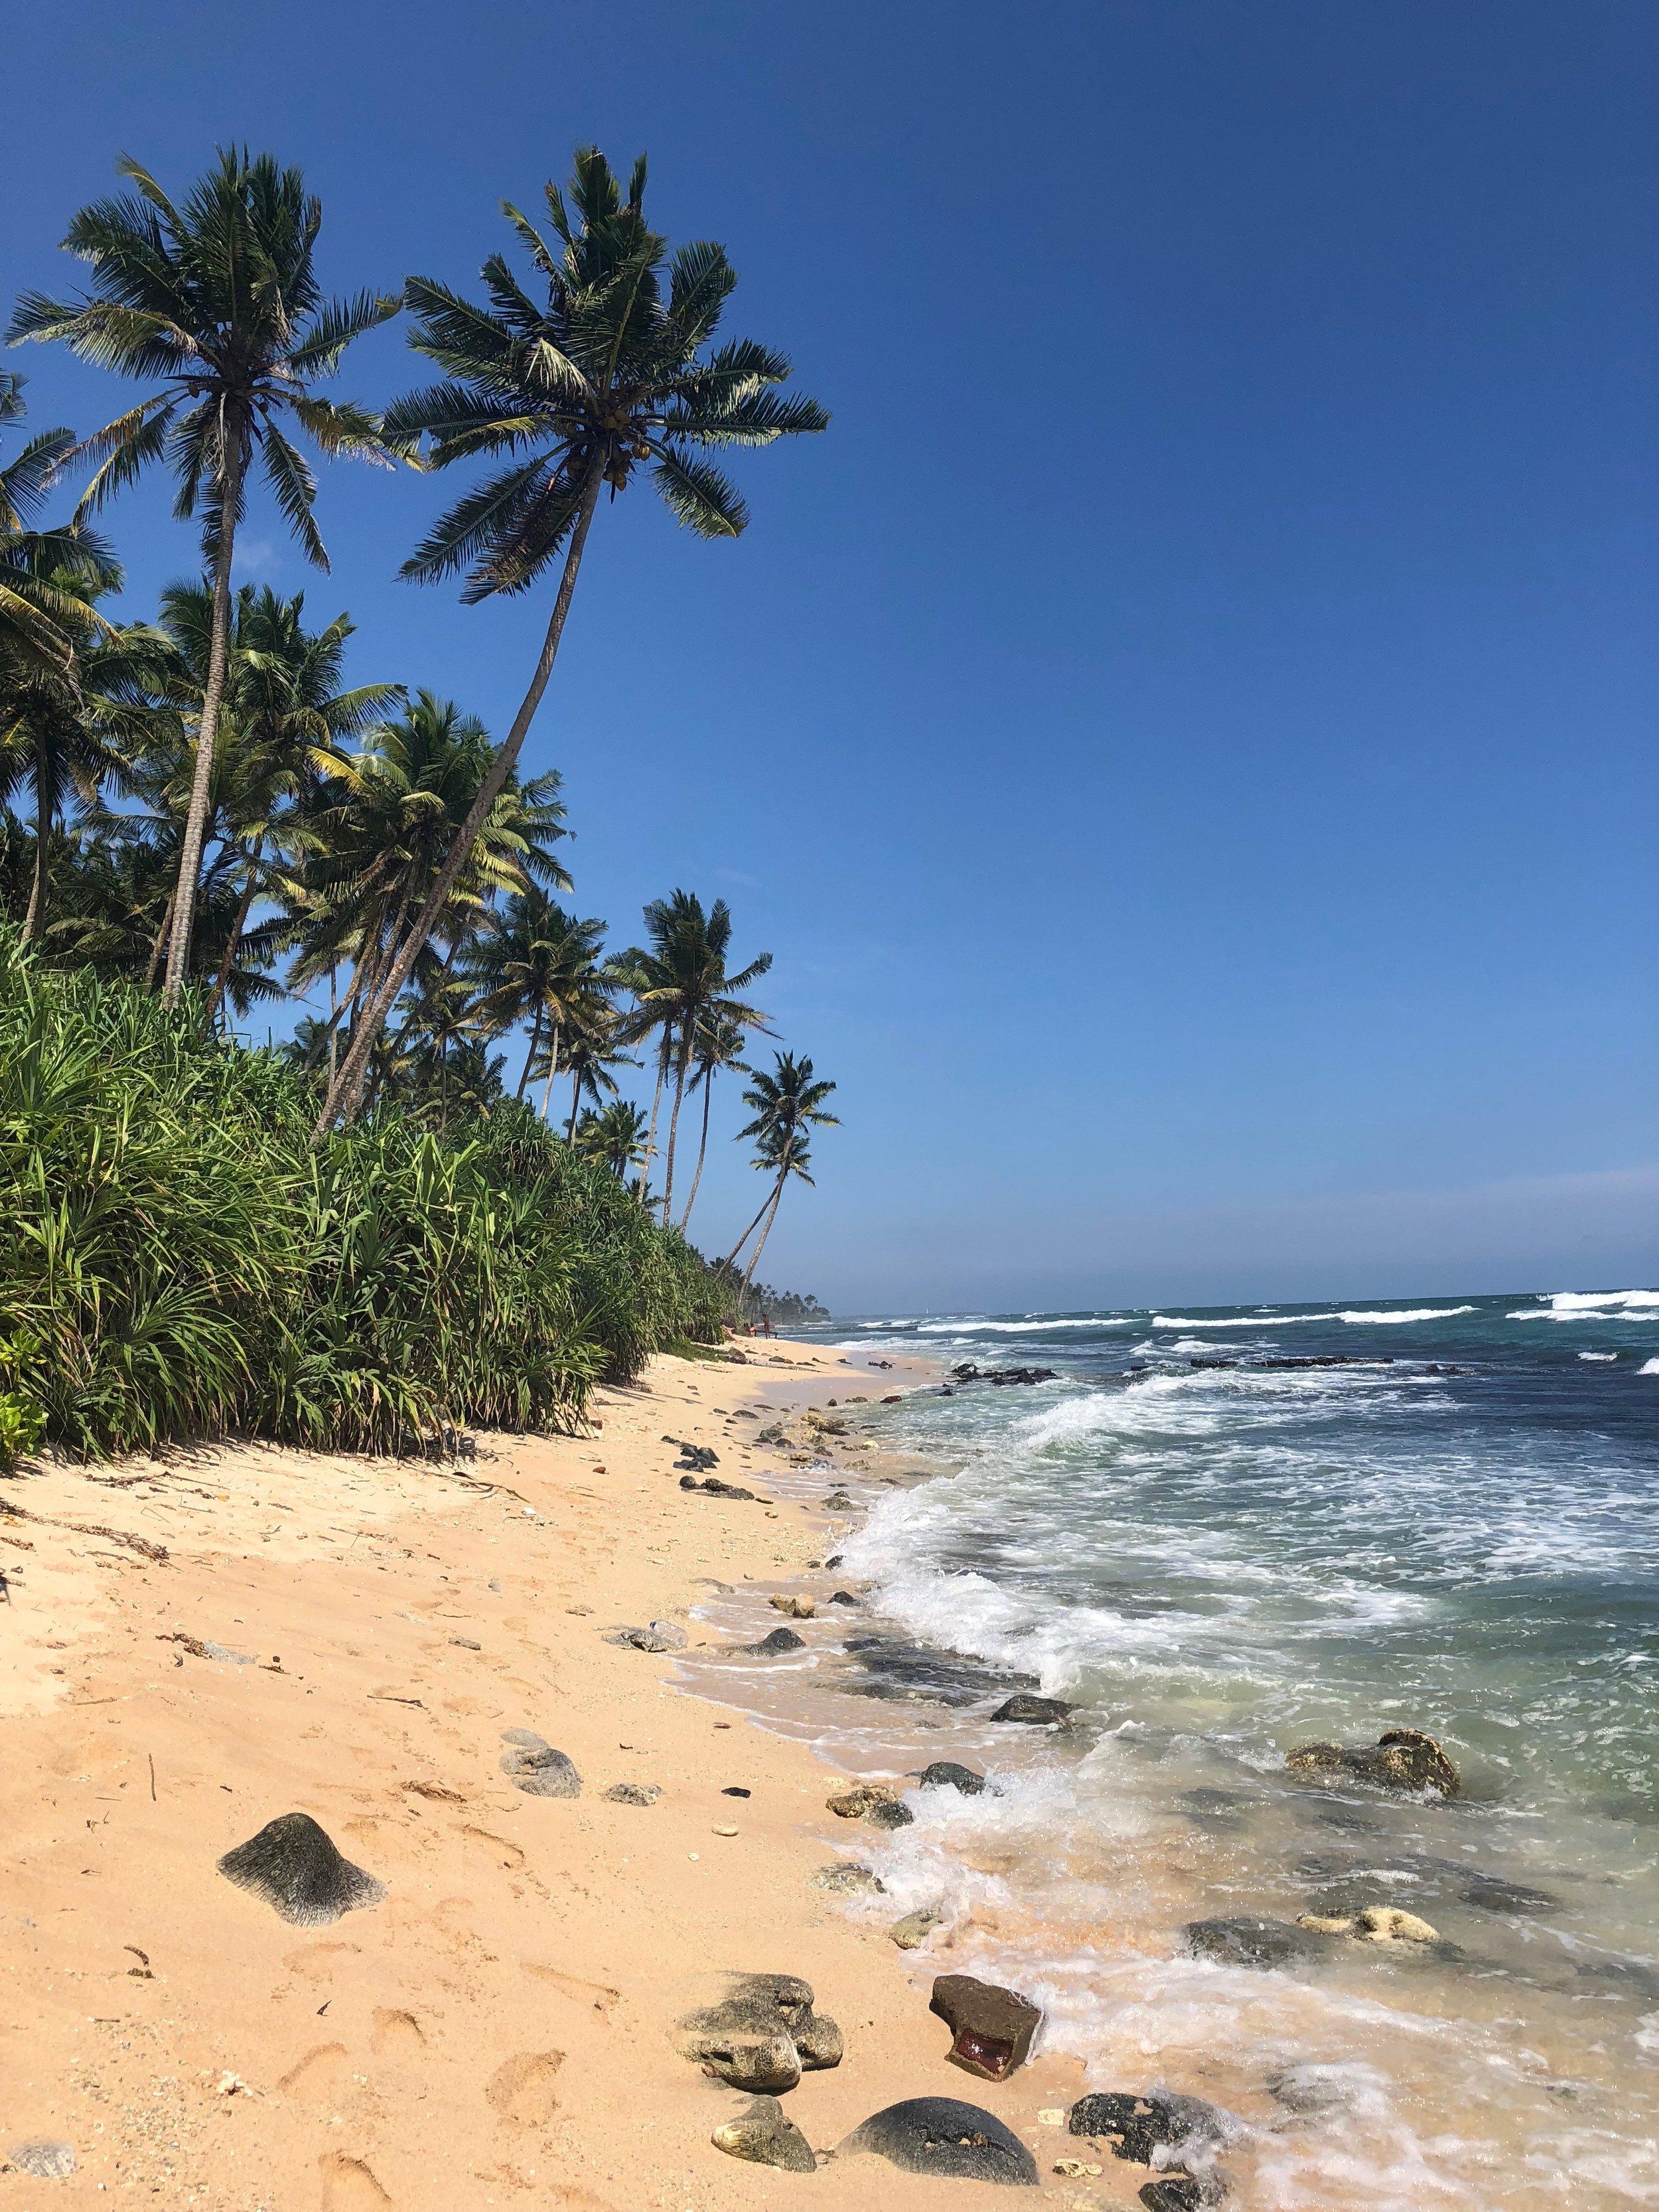 Even more beaches........